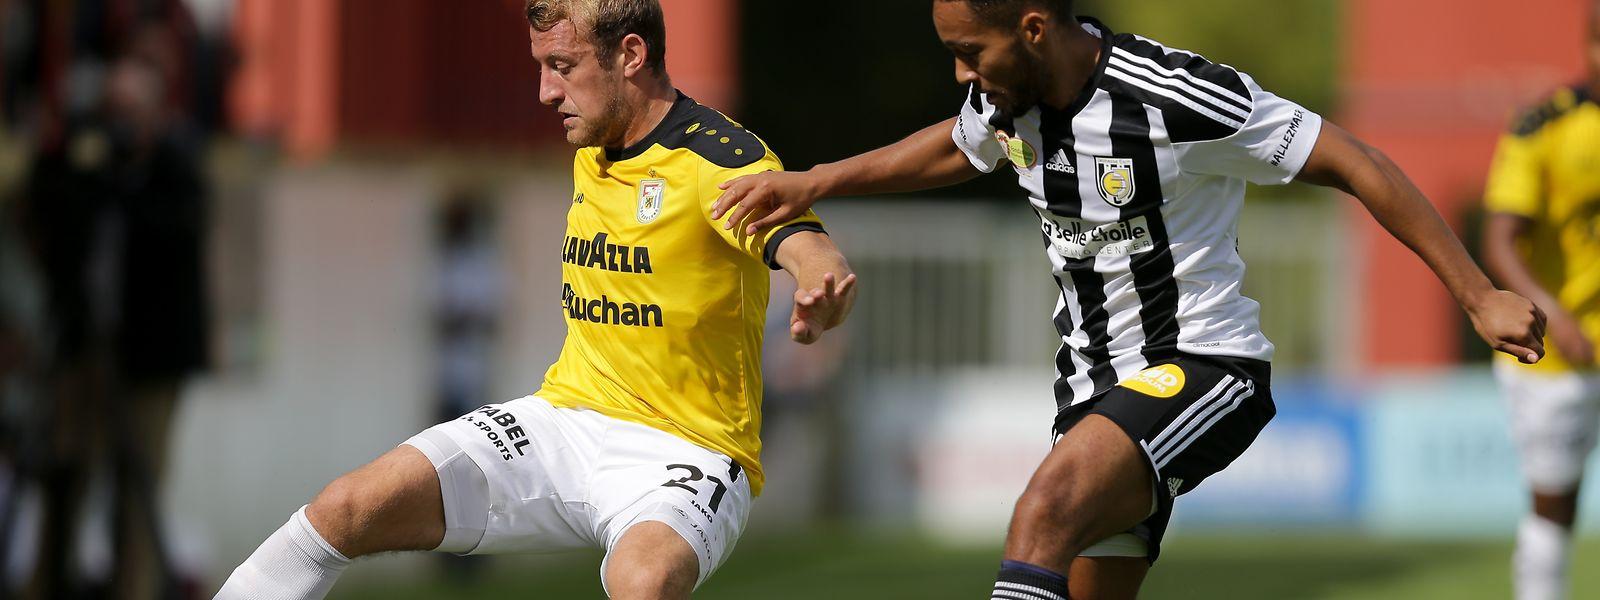 Durch den Sieg gegen Jeunesse um Emmanuel Lapierre haben Dominik Stolz (l.) und F91 sechs Punkte auf dem Konto.